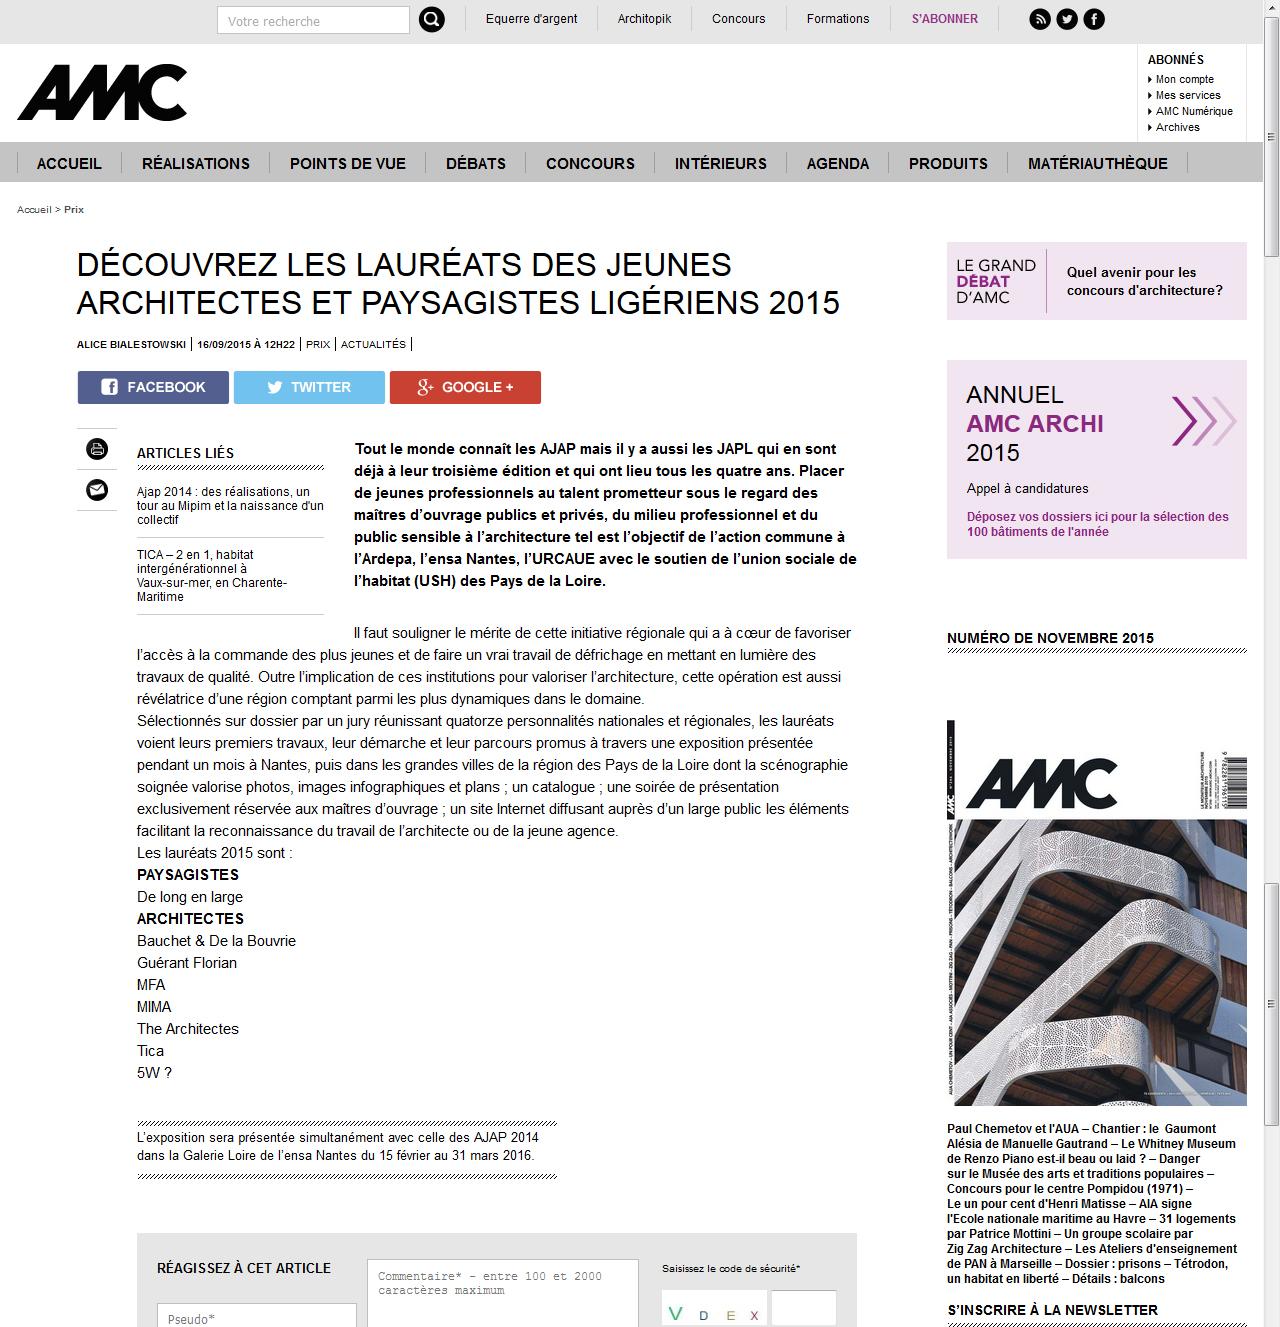 Article générique sur la sélection JAPL - AMC - 16 septembre 2015